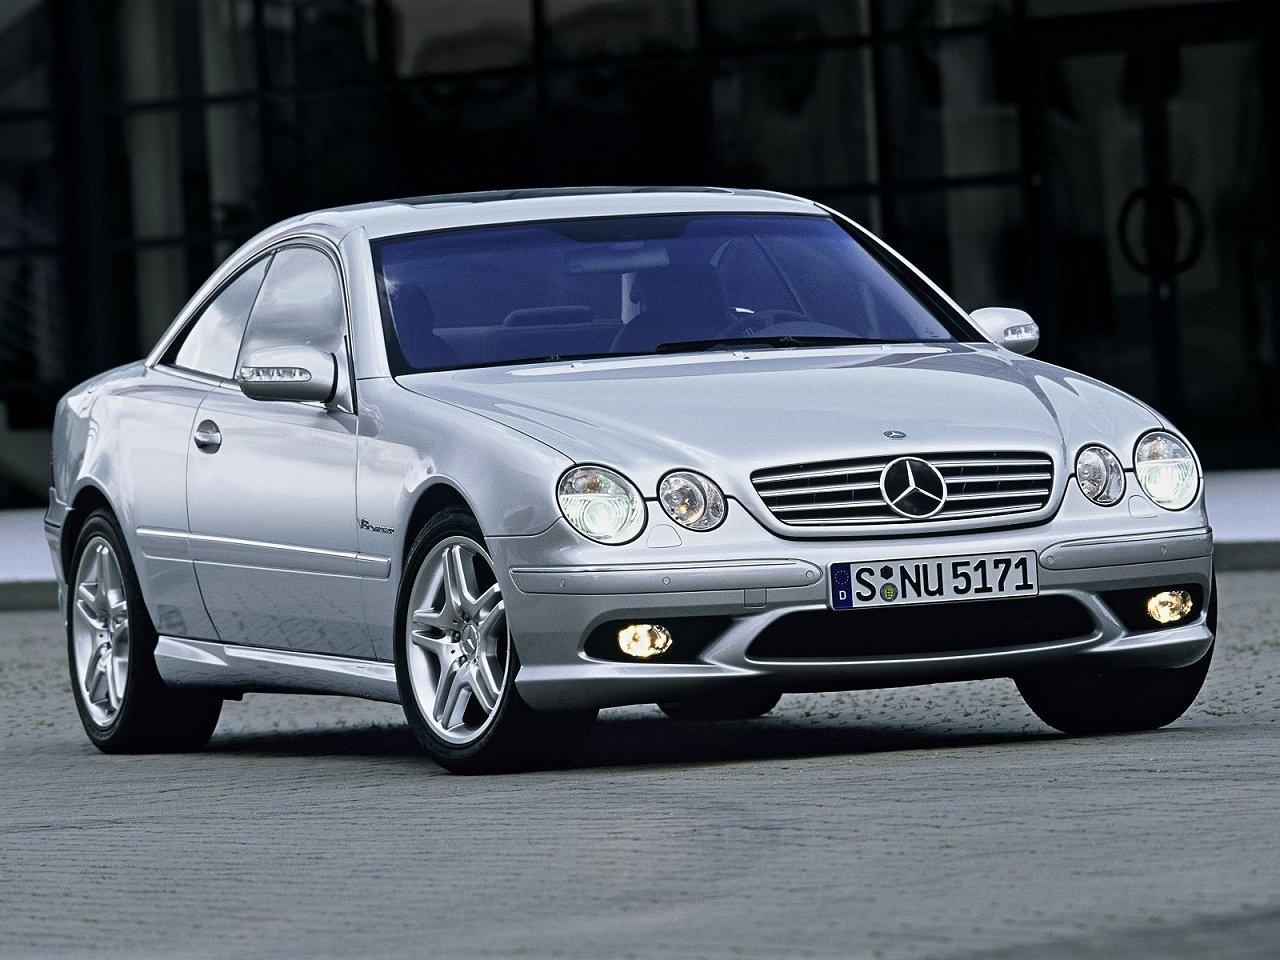 2004 Mercedes Benz Cl Class Overview Cargurus S